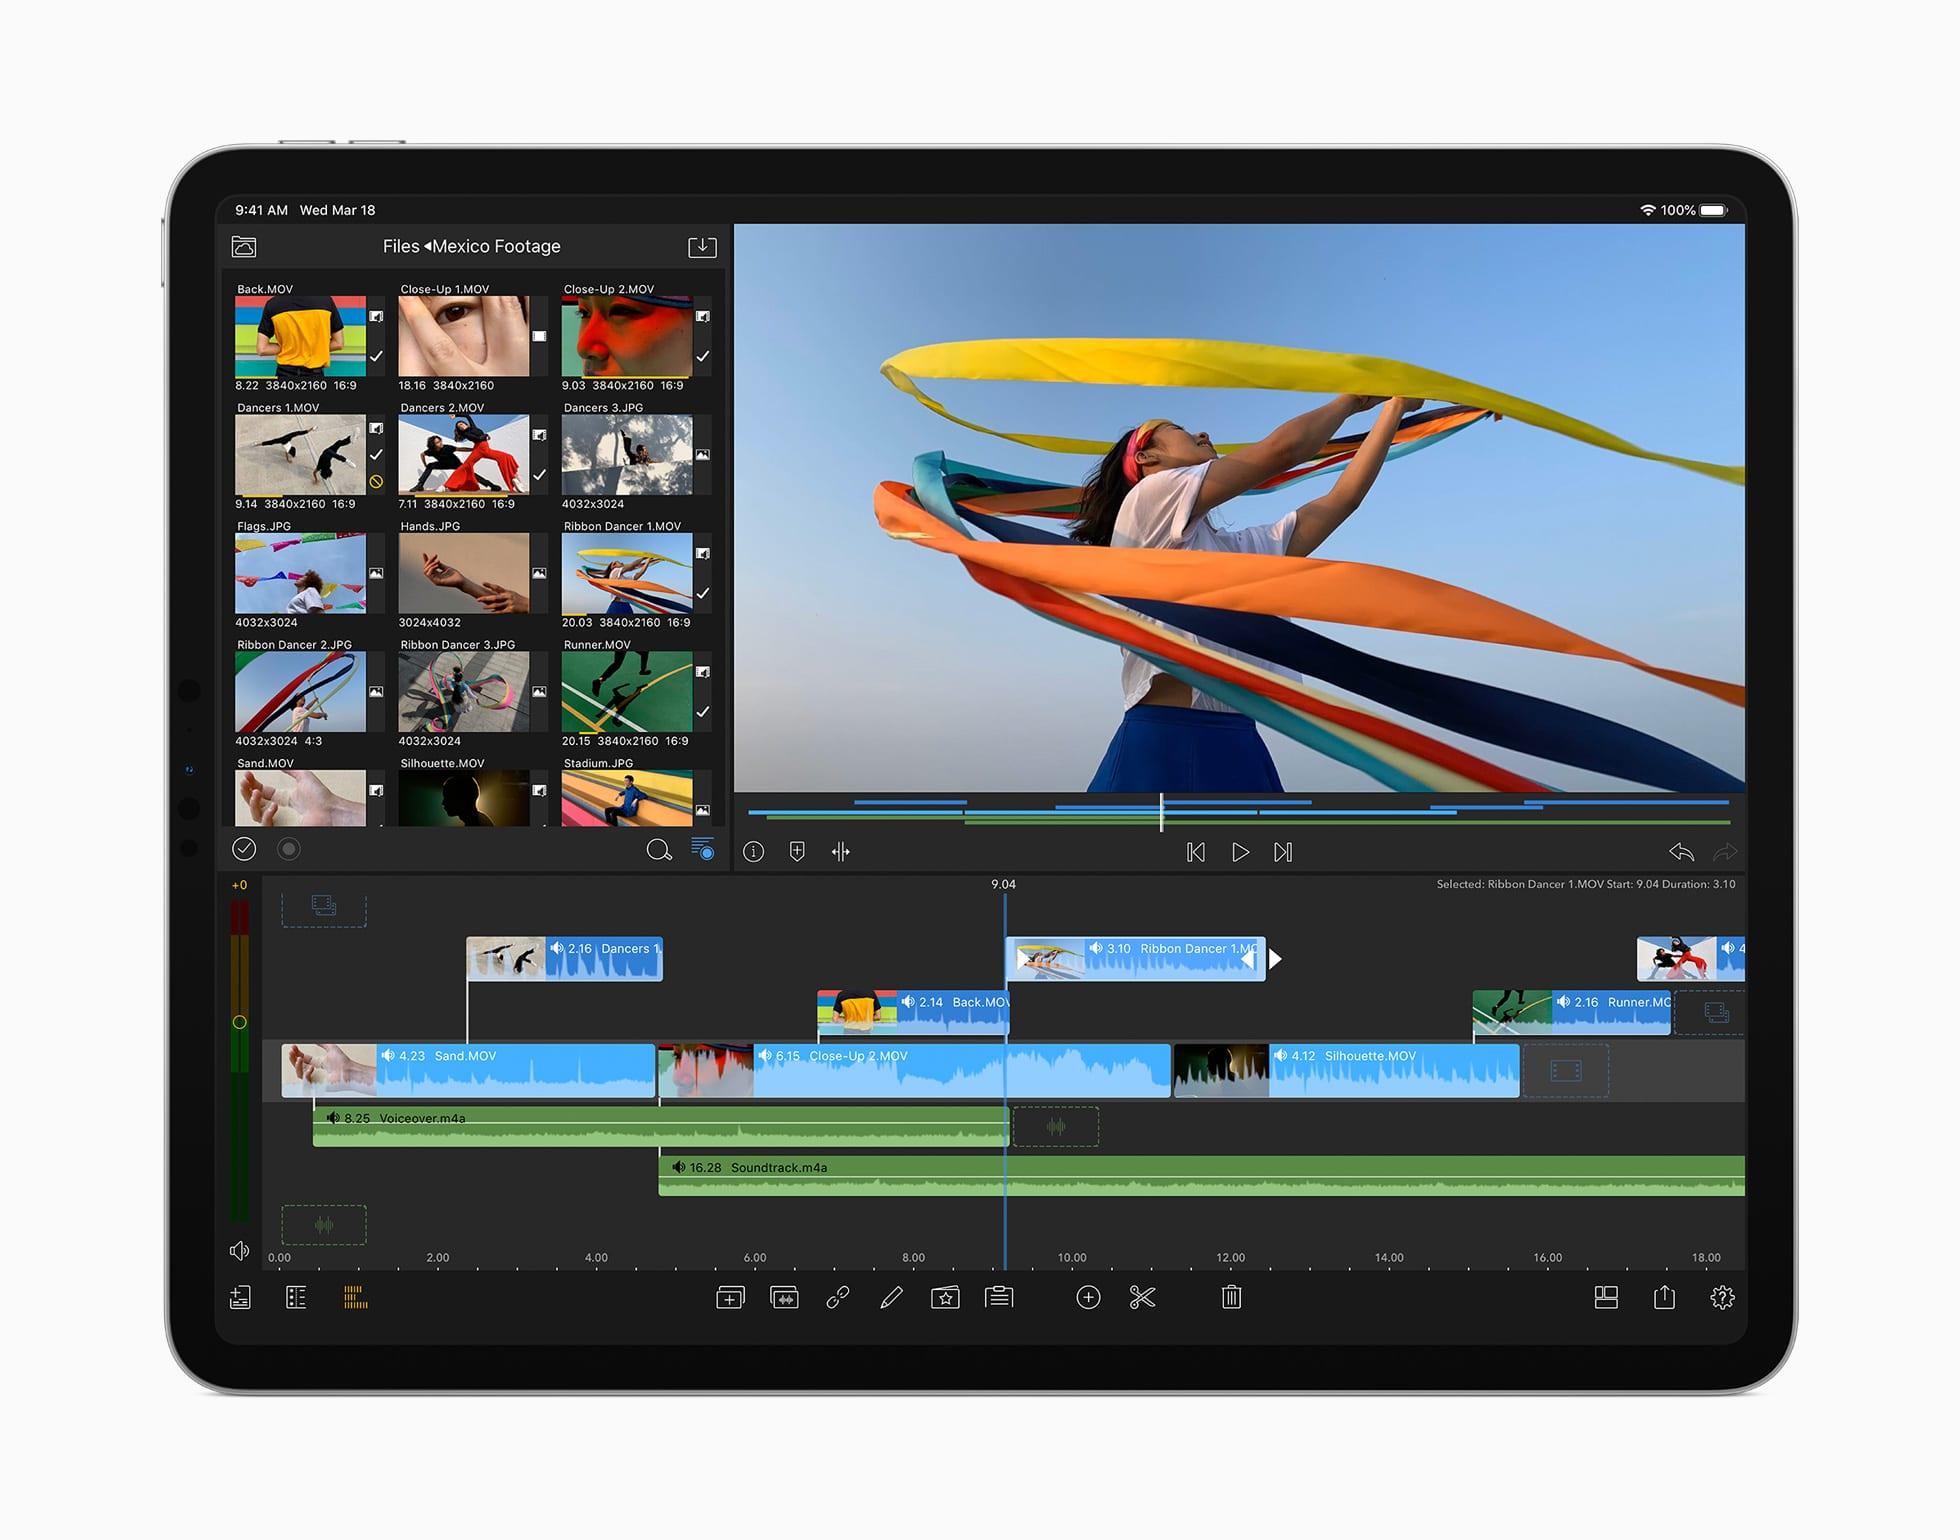 iPad Pro A12Z Bionic - Apple predstavil nový iPad Pro a Magic Keyboard s LED podsvietením - aktualizácia